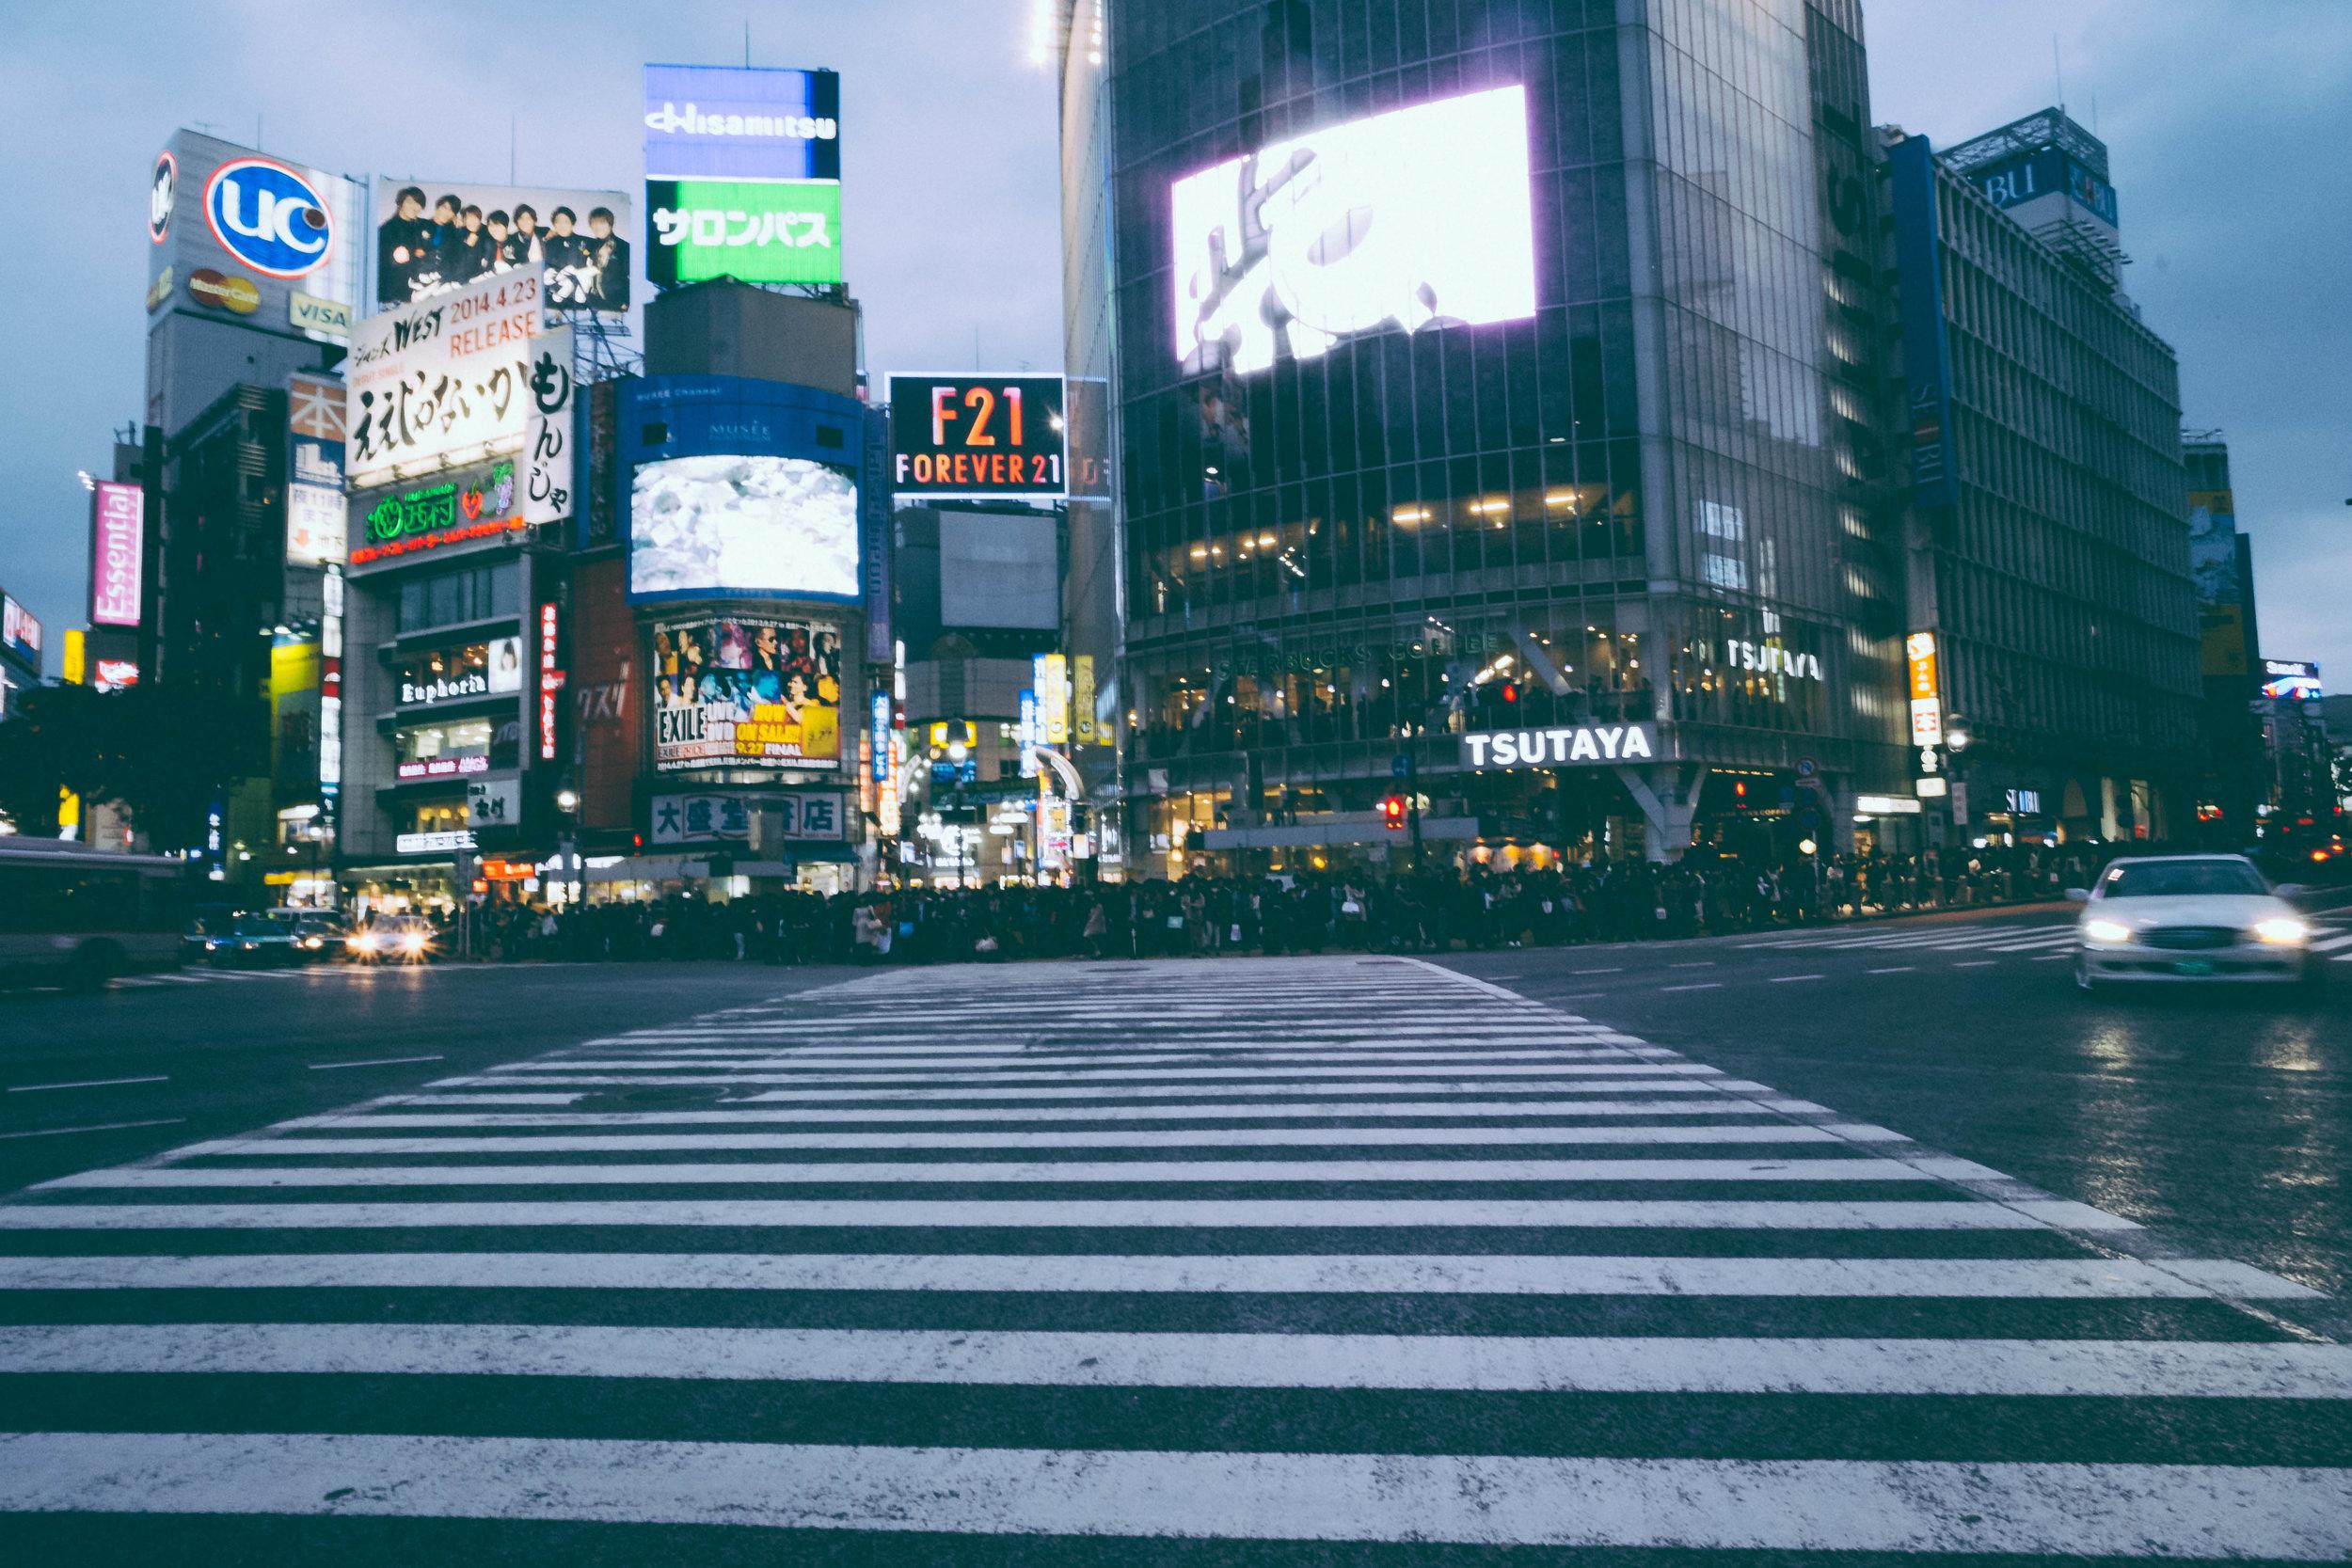 20140419_Tokyo_XPRO1_DSF1281